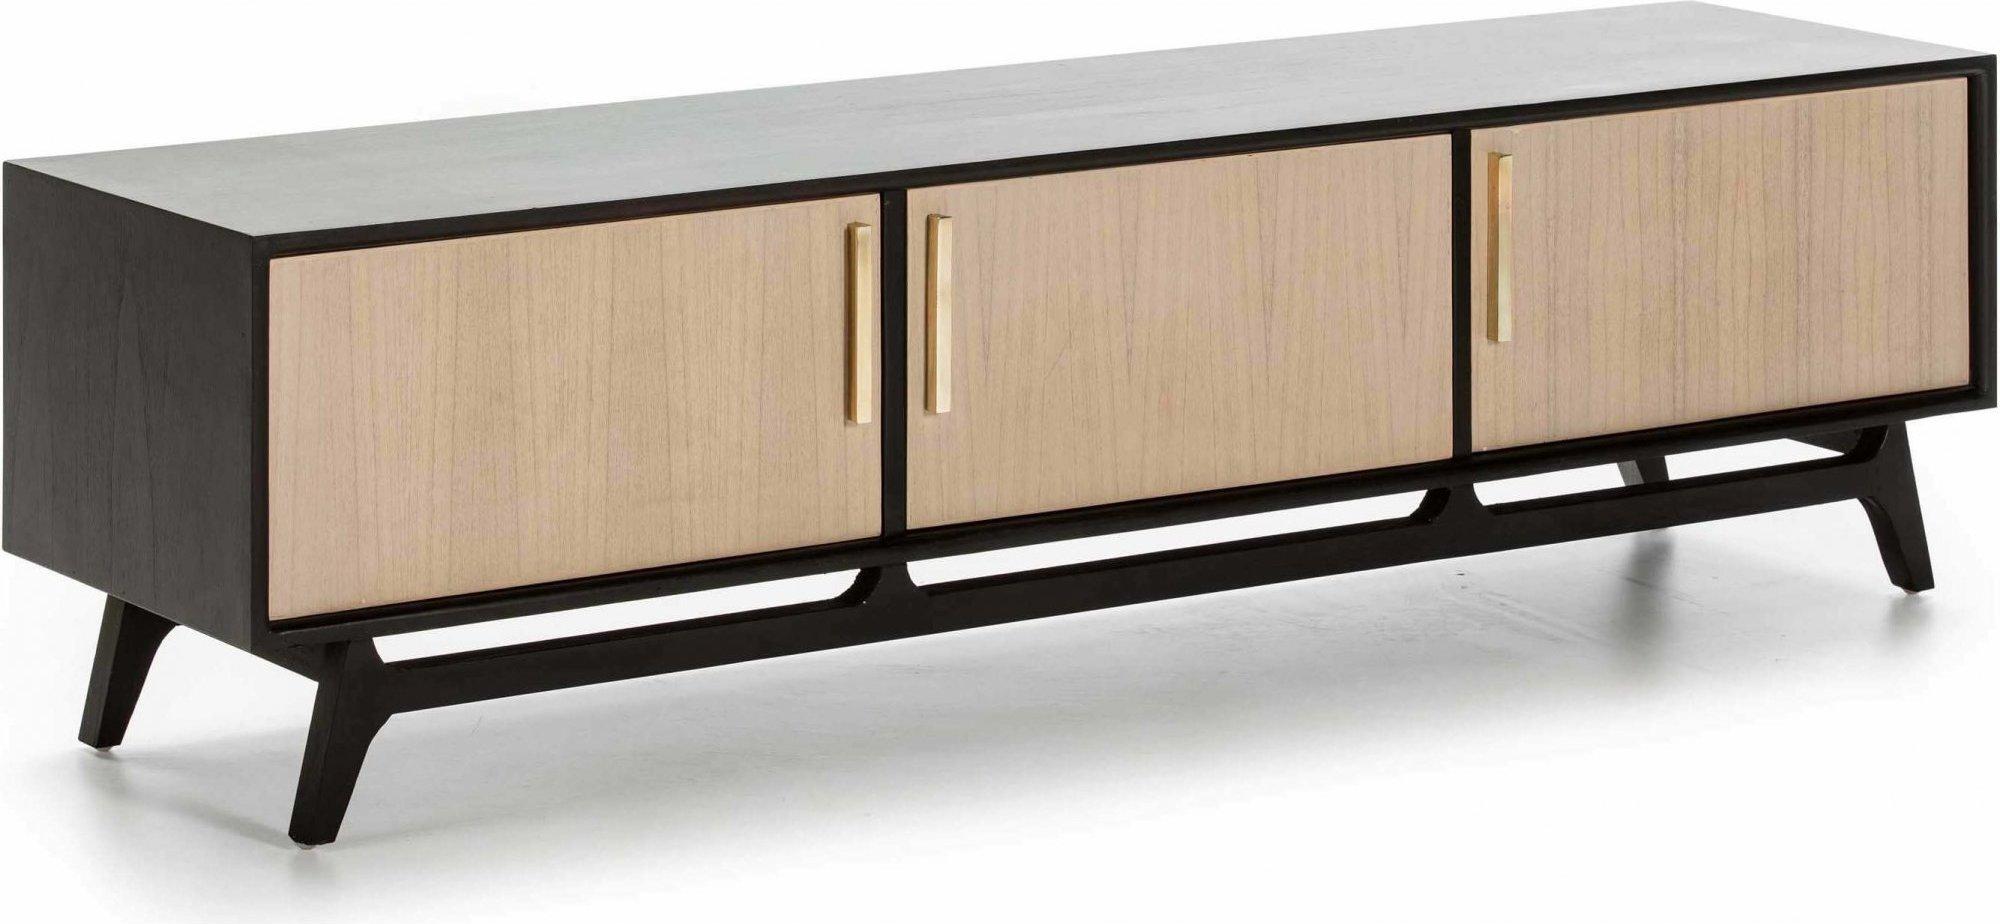 Meuble tv en bois couleur noir et bois clair l160cm